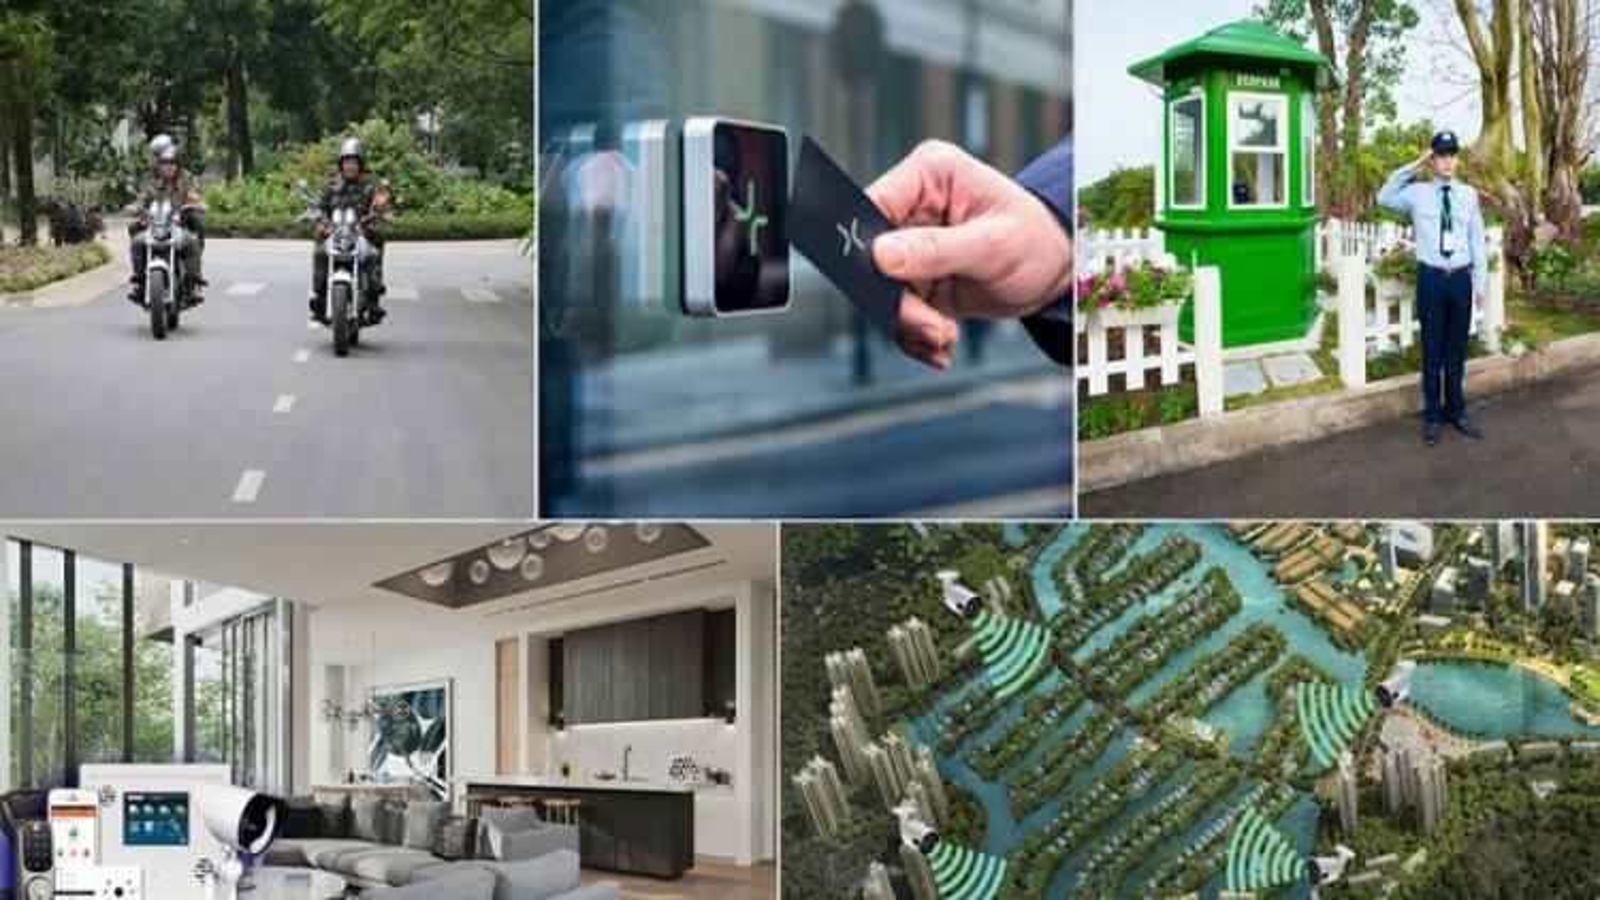 Ecopark hợp tác cùng Samsung, Bosch triển khai hệ thống an ninh thông minh khu biệt thự